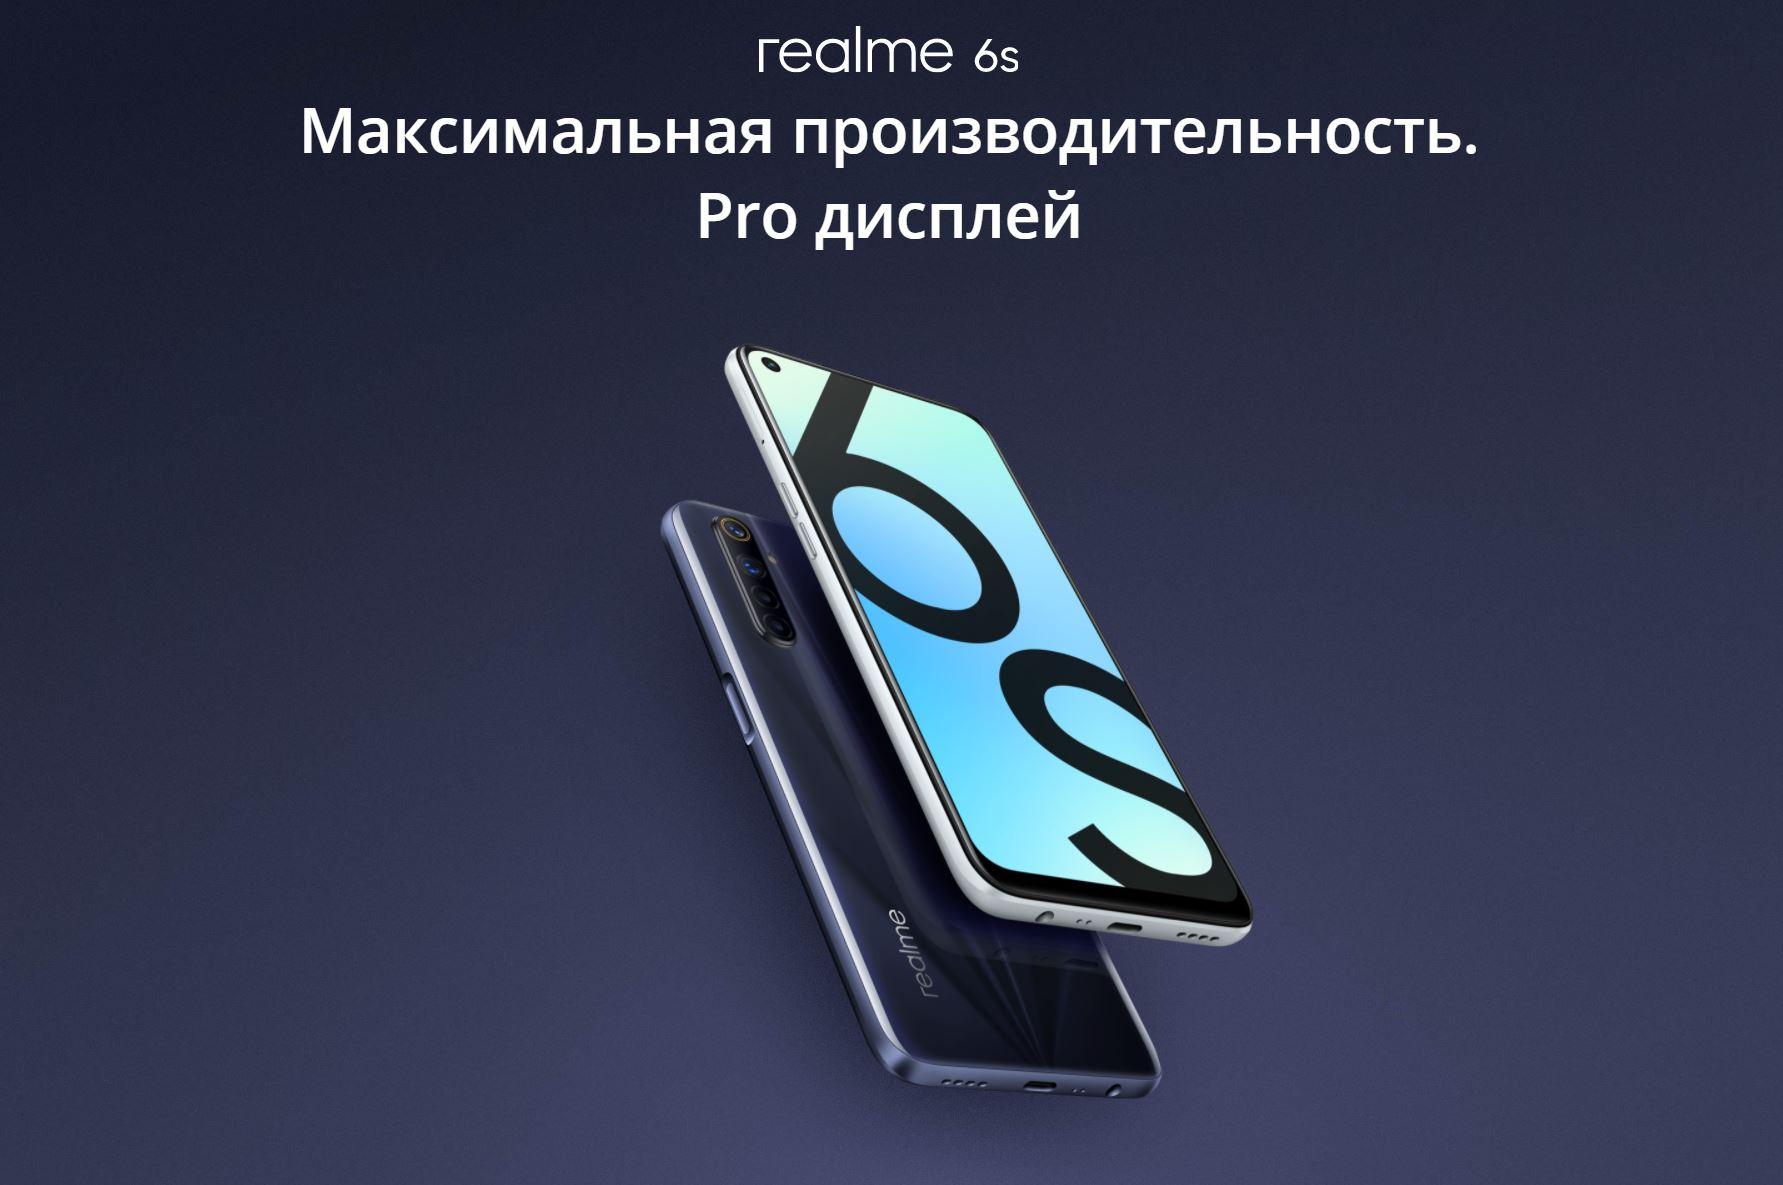 Realme C15, 6s, Buds Q доступны в России Другие устройства  - realme_c15_realme_6s_i_realme_buds_q_dostupny_v_rossii_ceny_picture2_1